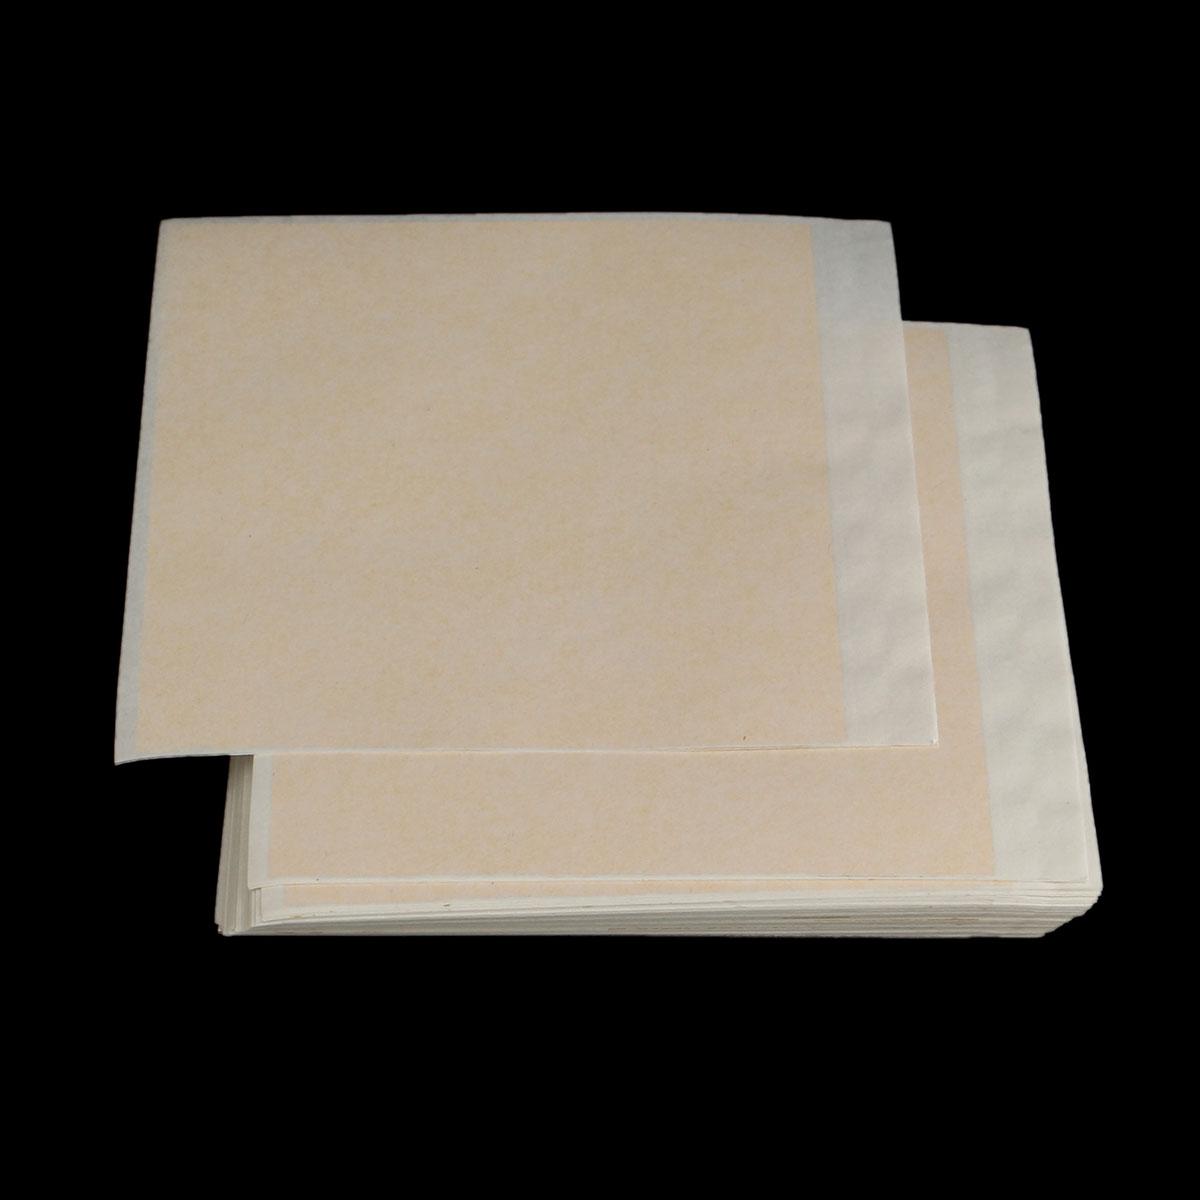 100pcs 9.5x8.5cm Gold Foil Paper Gold Leaf Foil Sheets